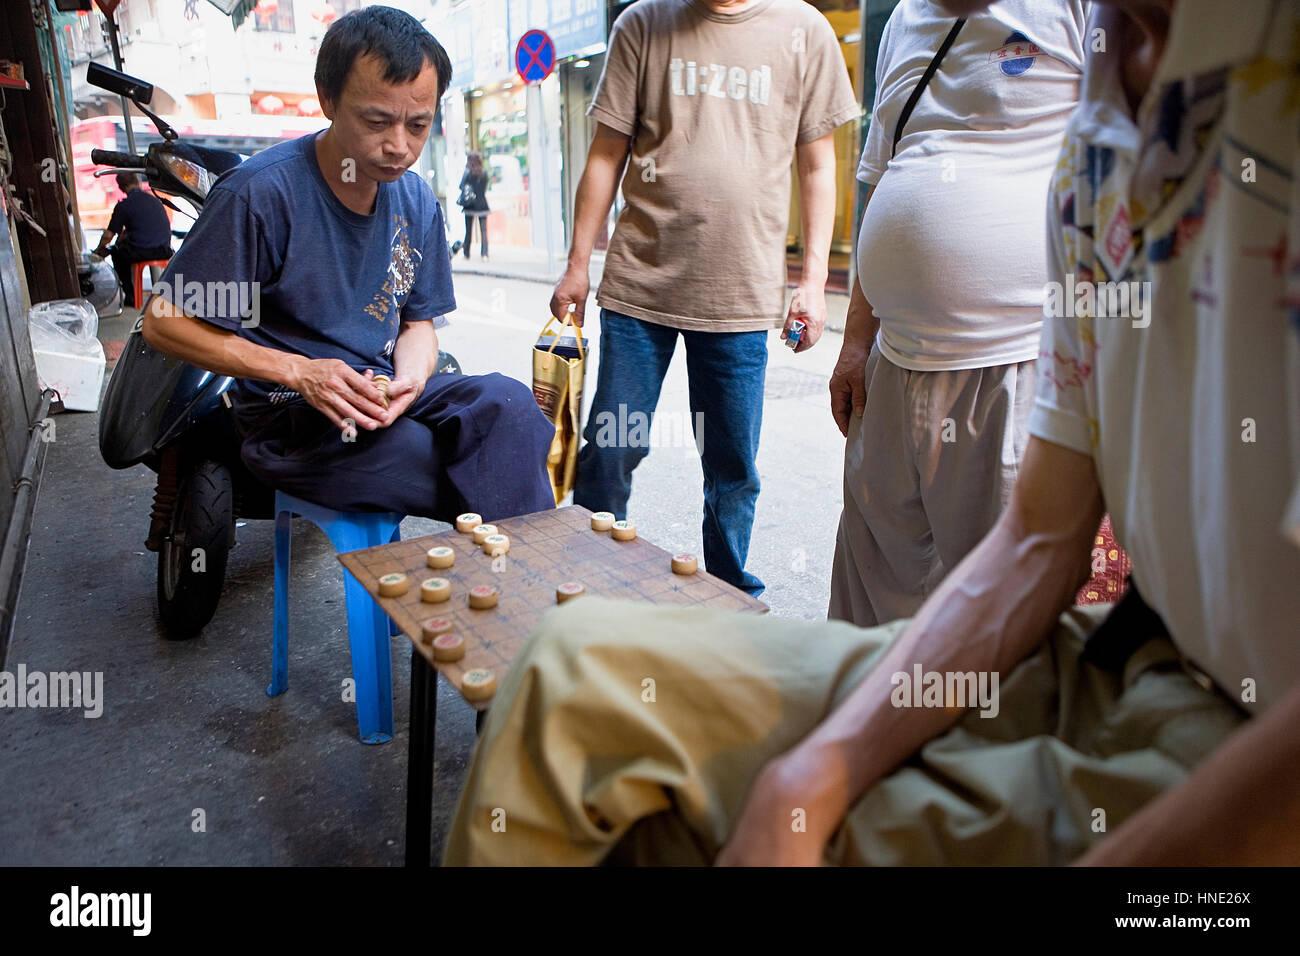 Street scene, Playing chinese chess in Travessa do Matadouro,Macau,China - Stock Image